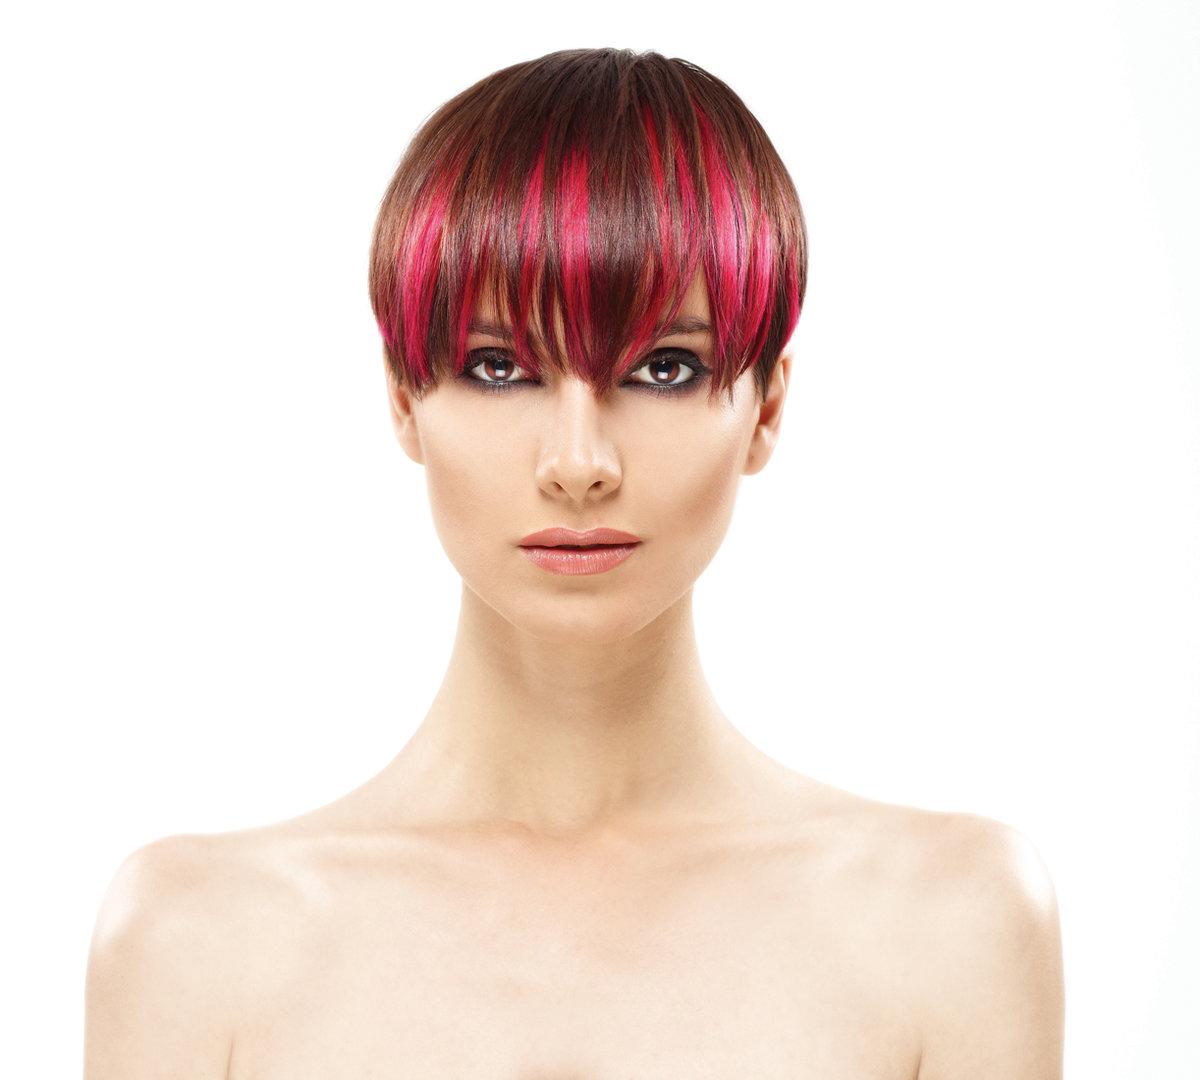 Оно оживит природный цвет волос, обогатит его естественным переходом цветовых оттенков, сделает образ стильным и экстравагантным.